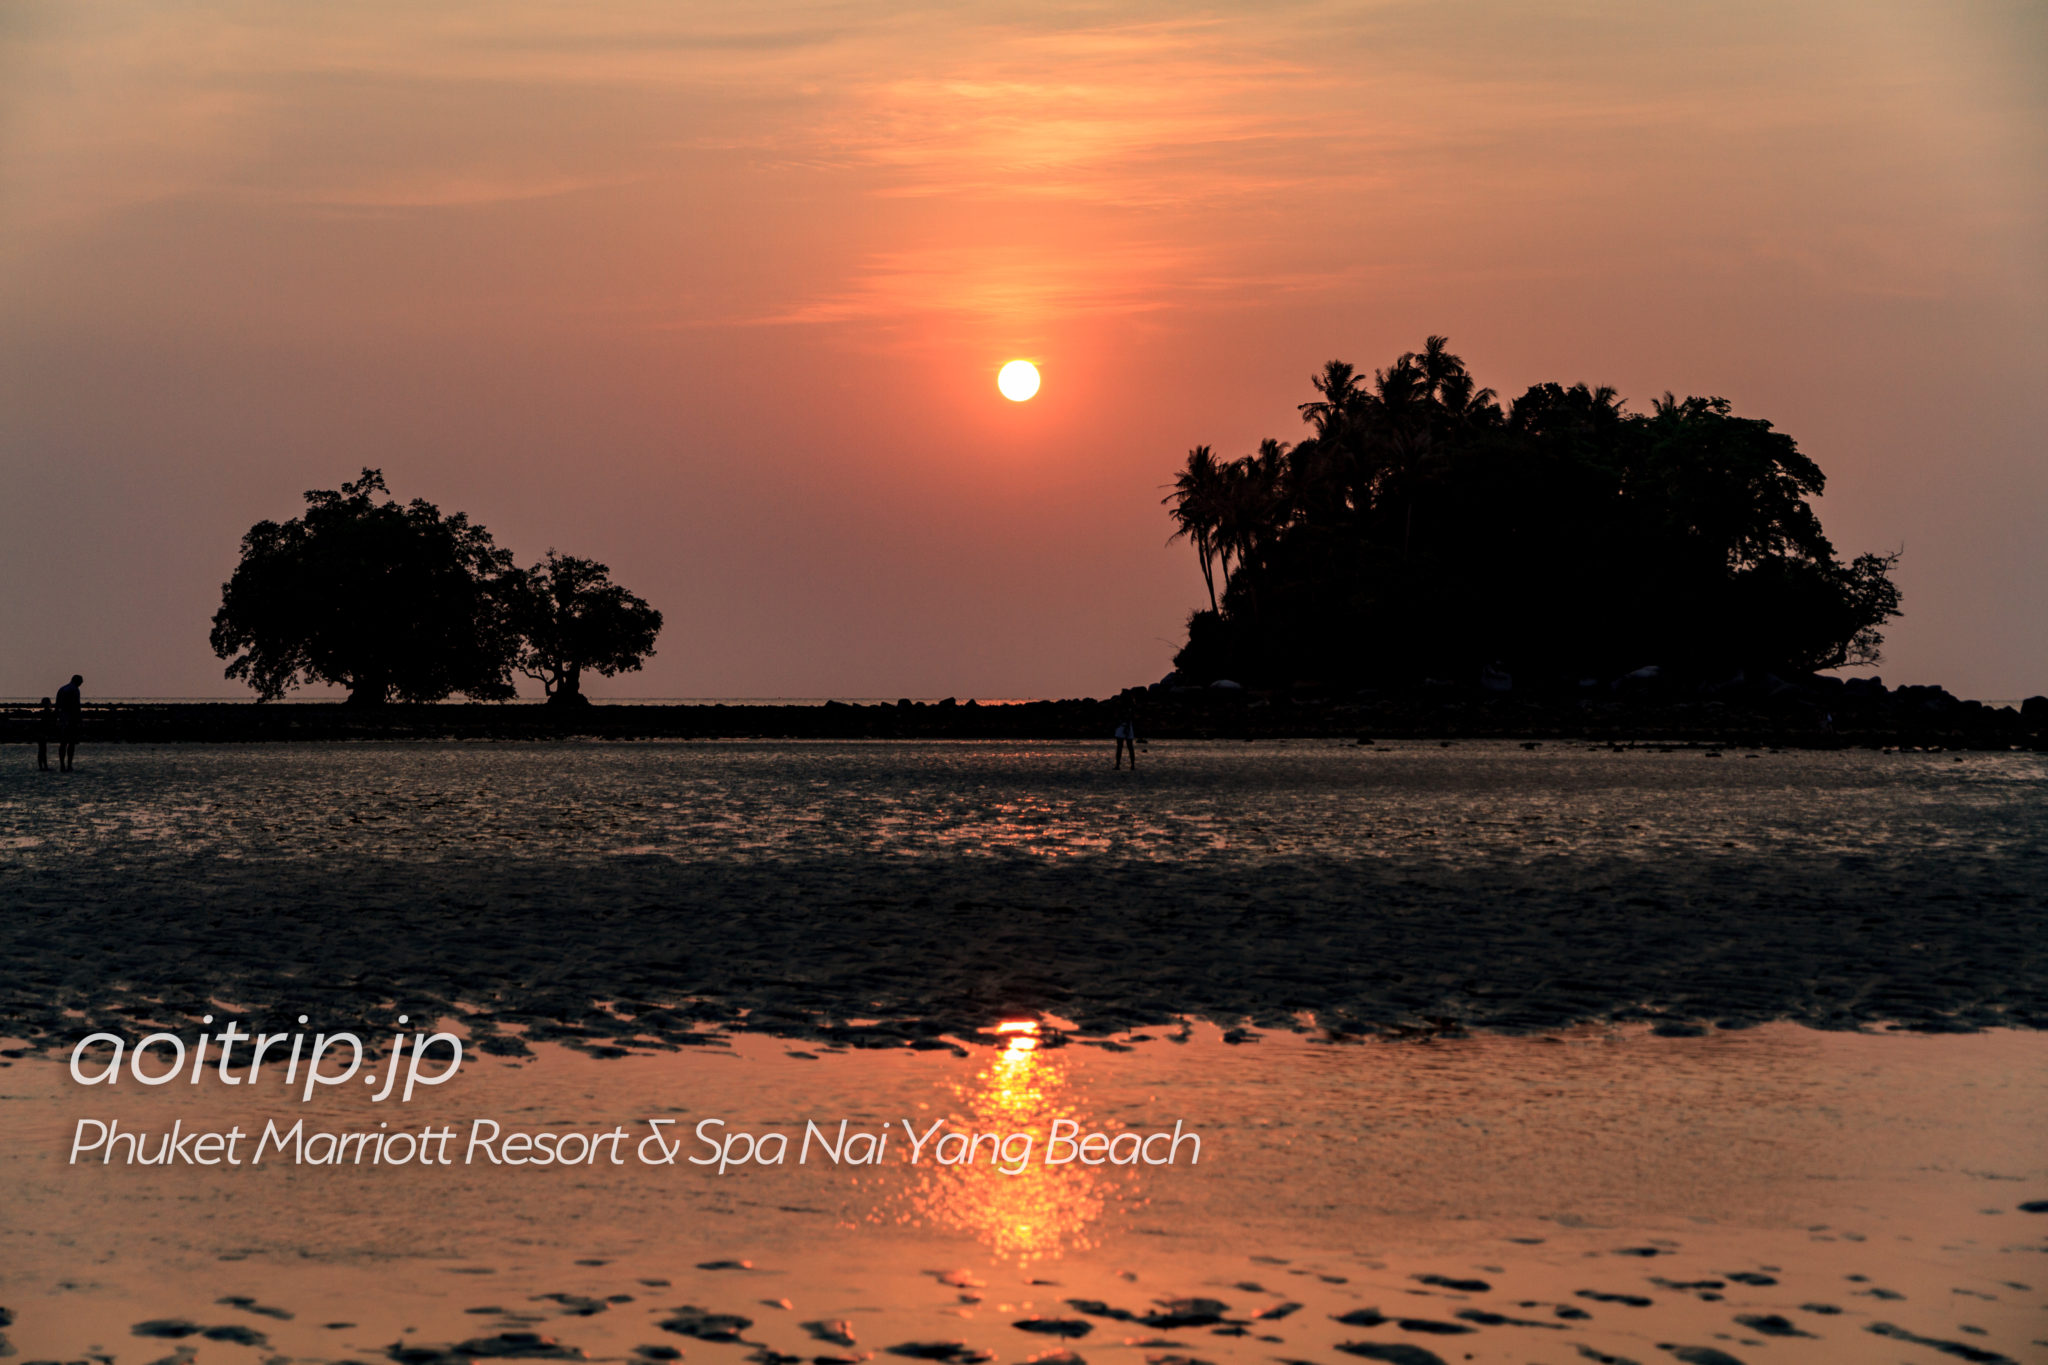 プーケット マリオット リゾート & スパ ナイヤン ビーチから見た夕日